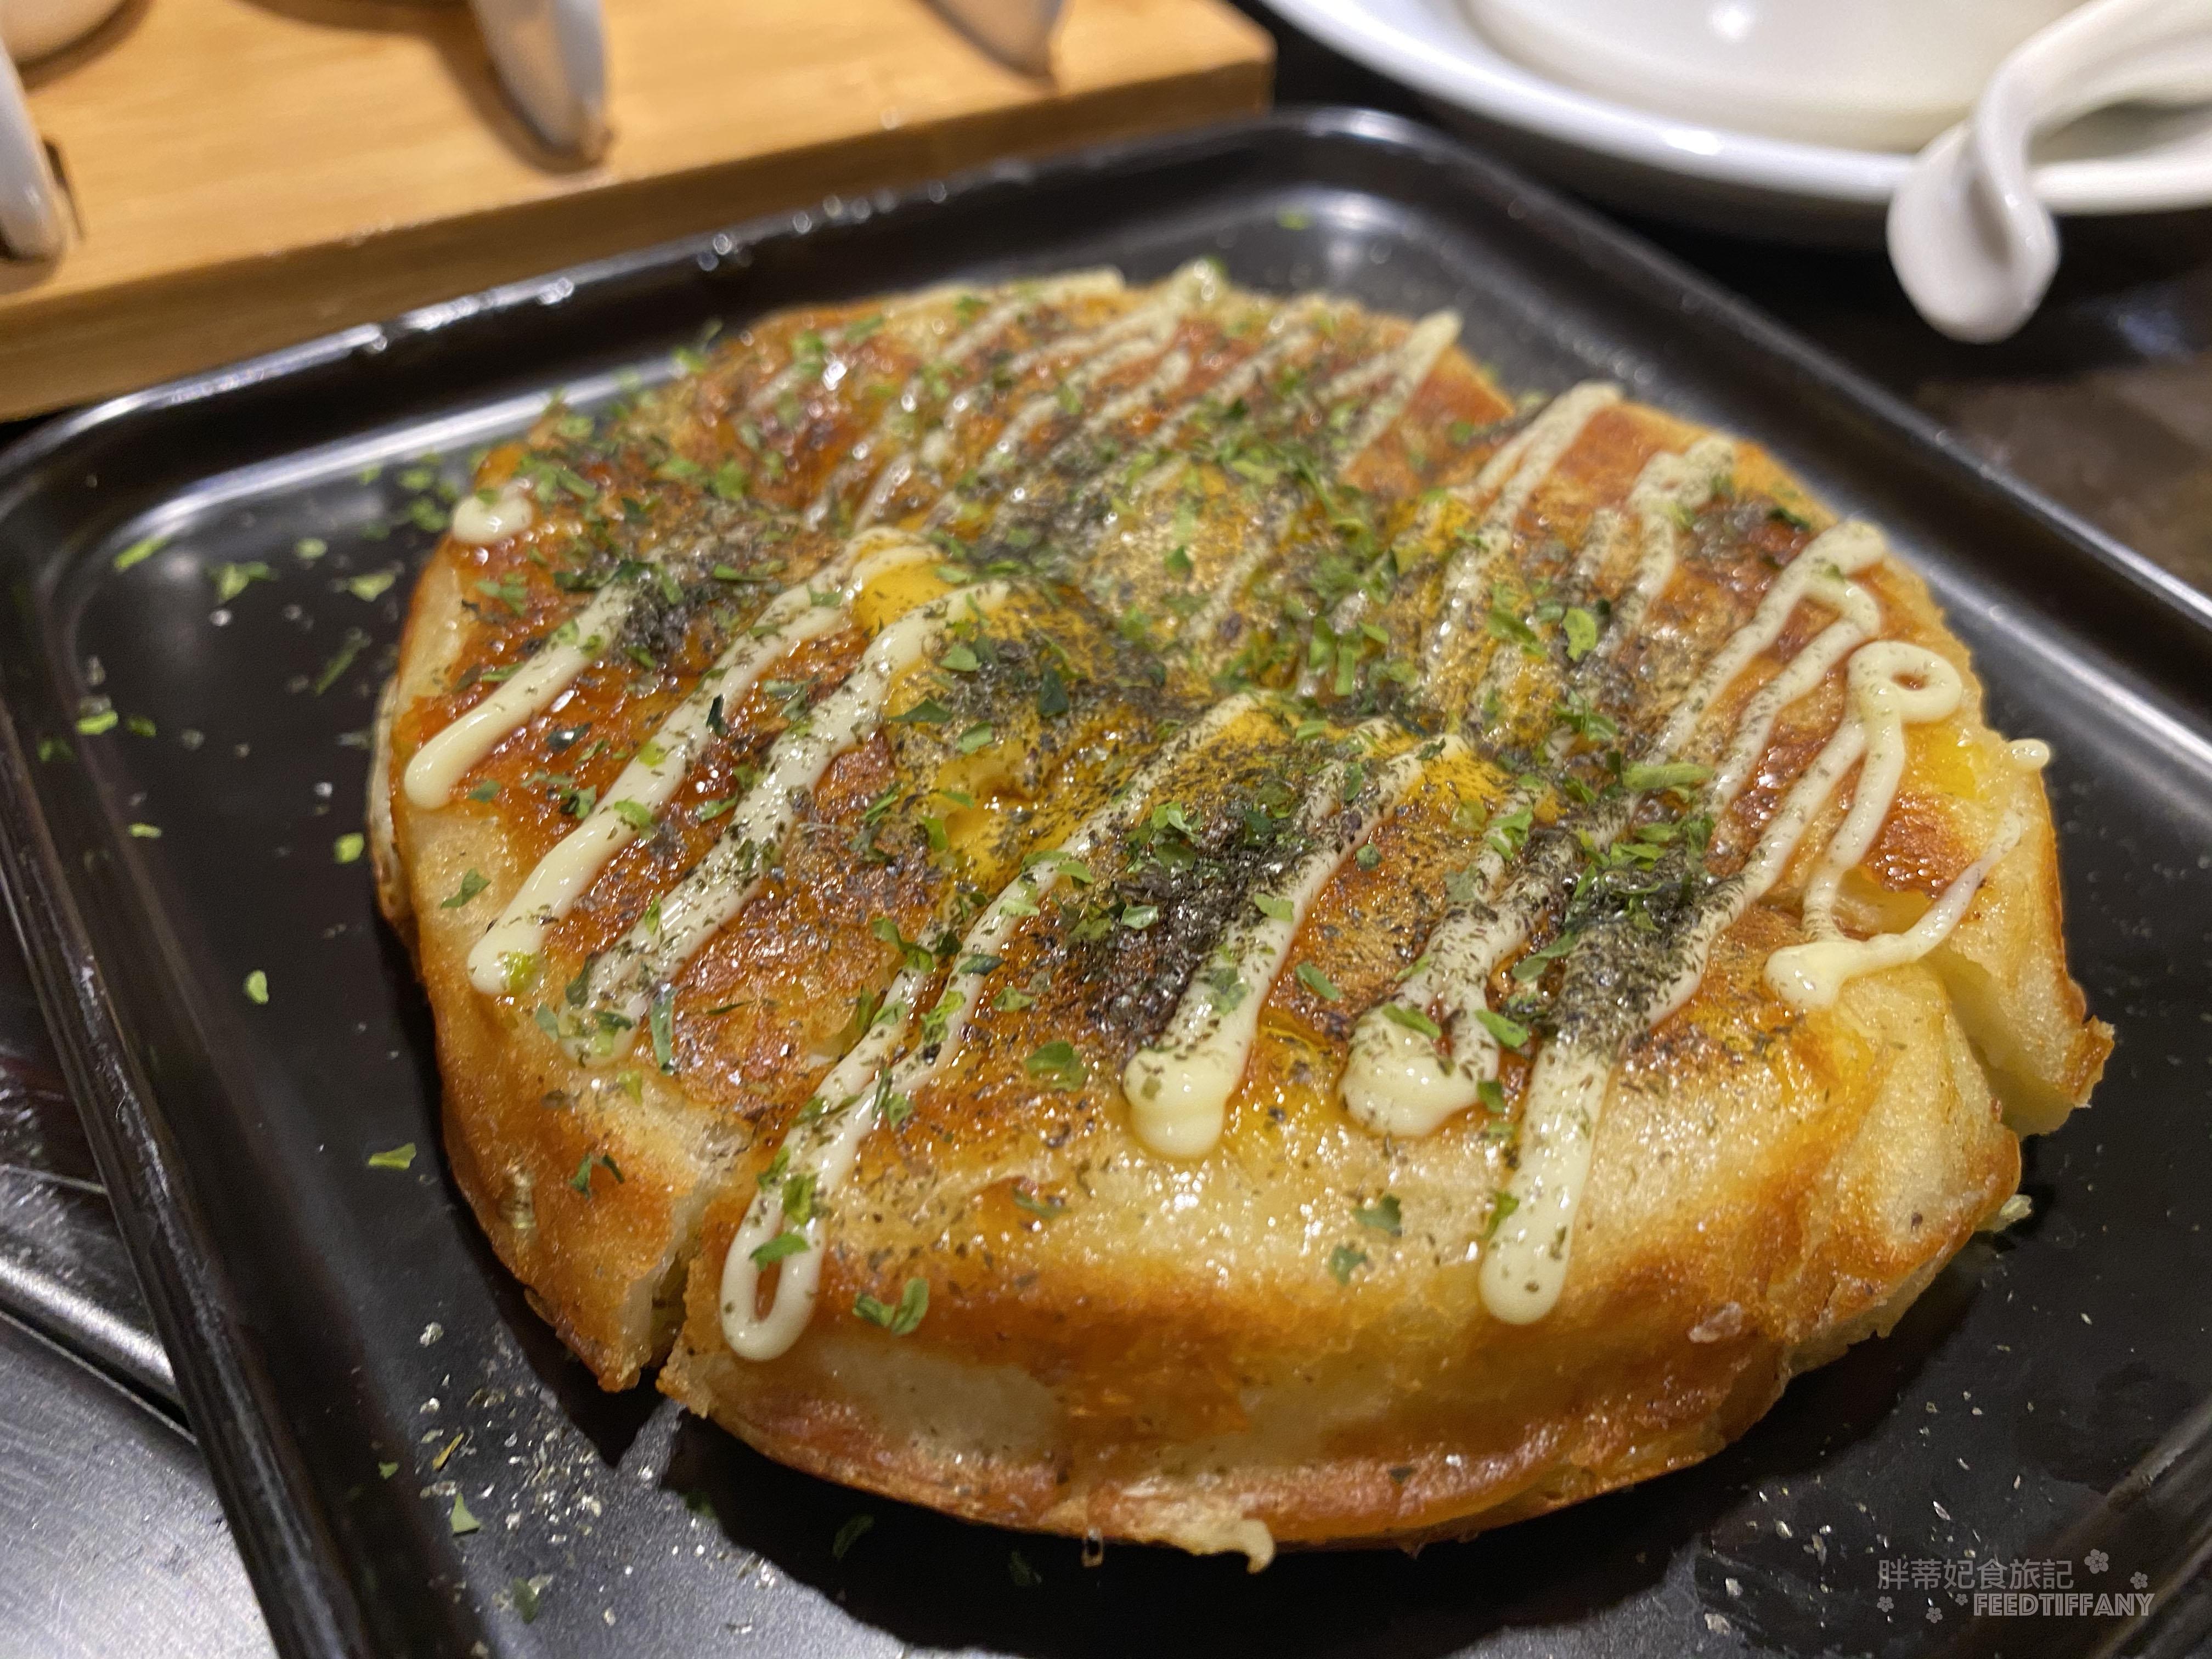 將進酒素燒烤殿 蔬菜大阪燒